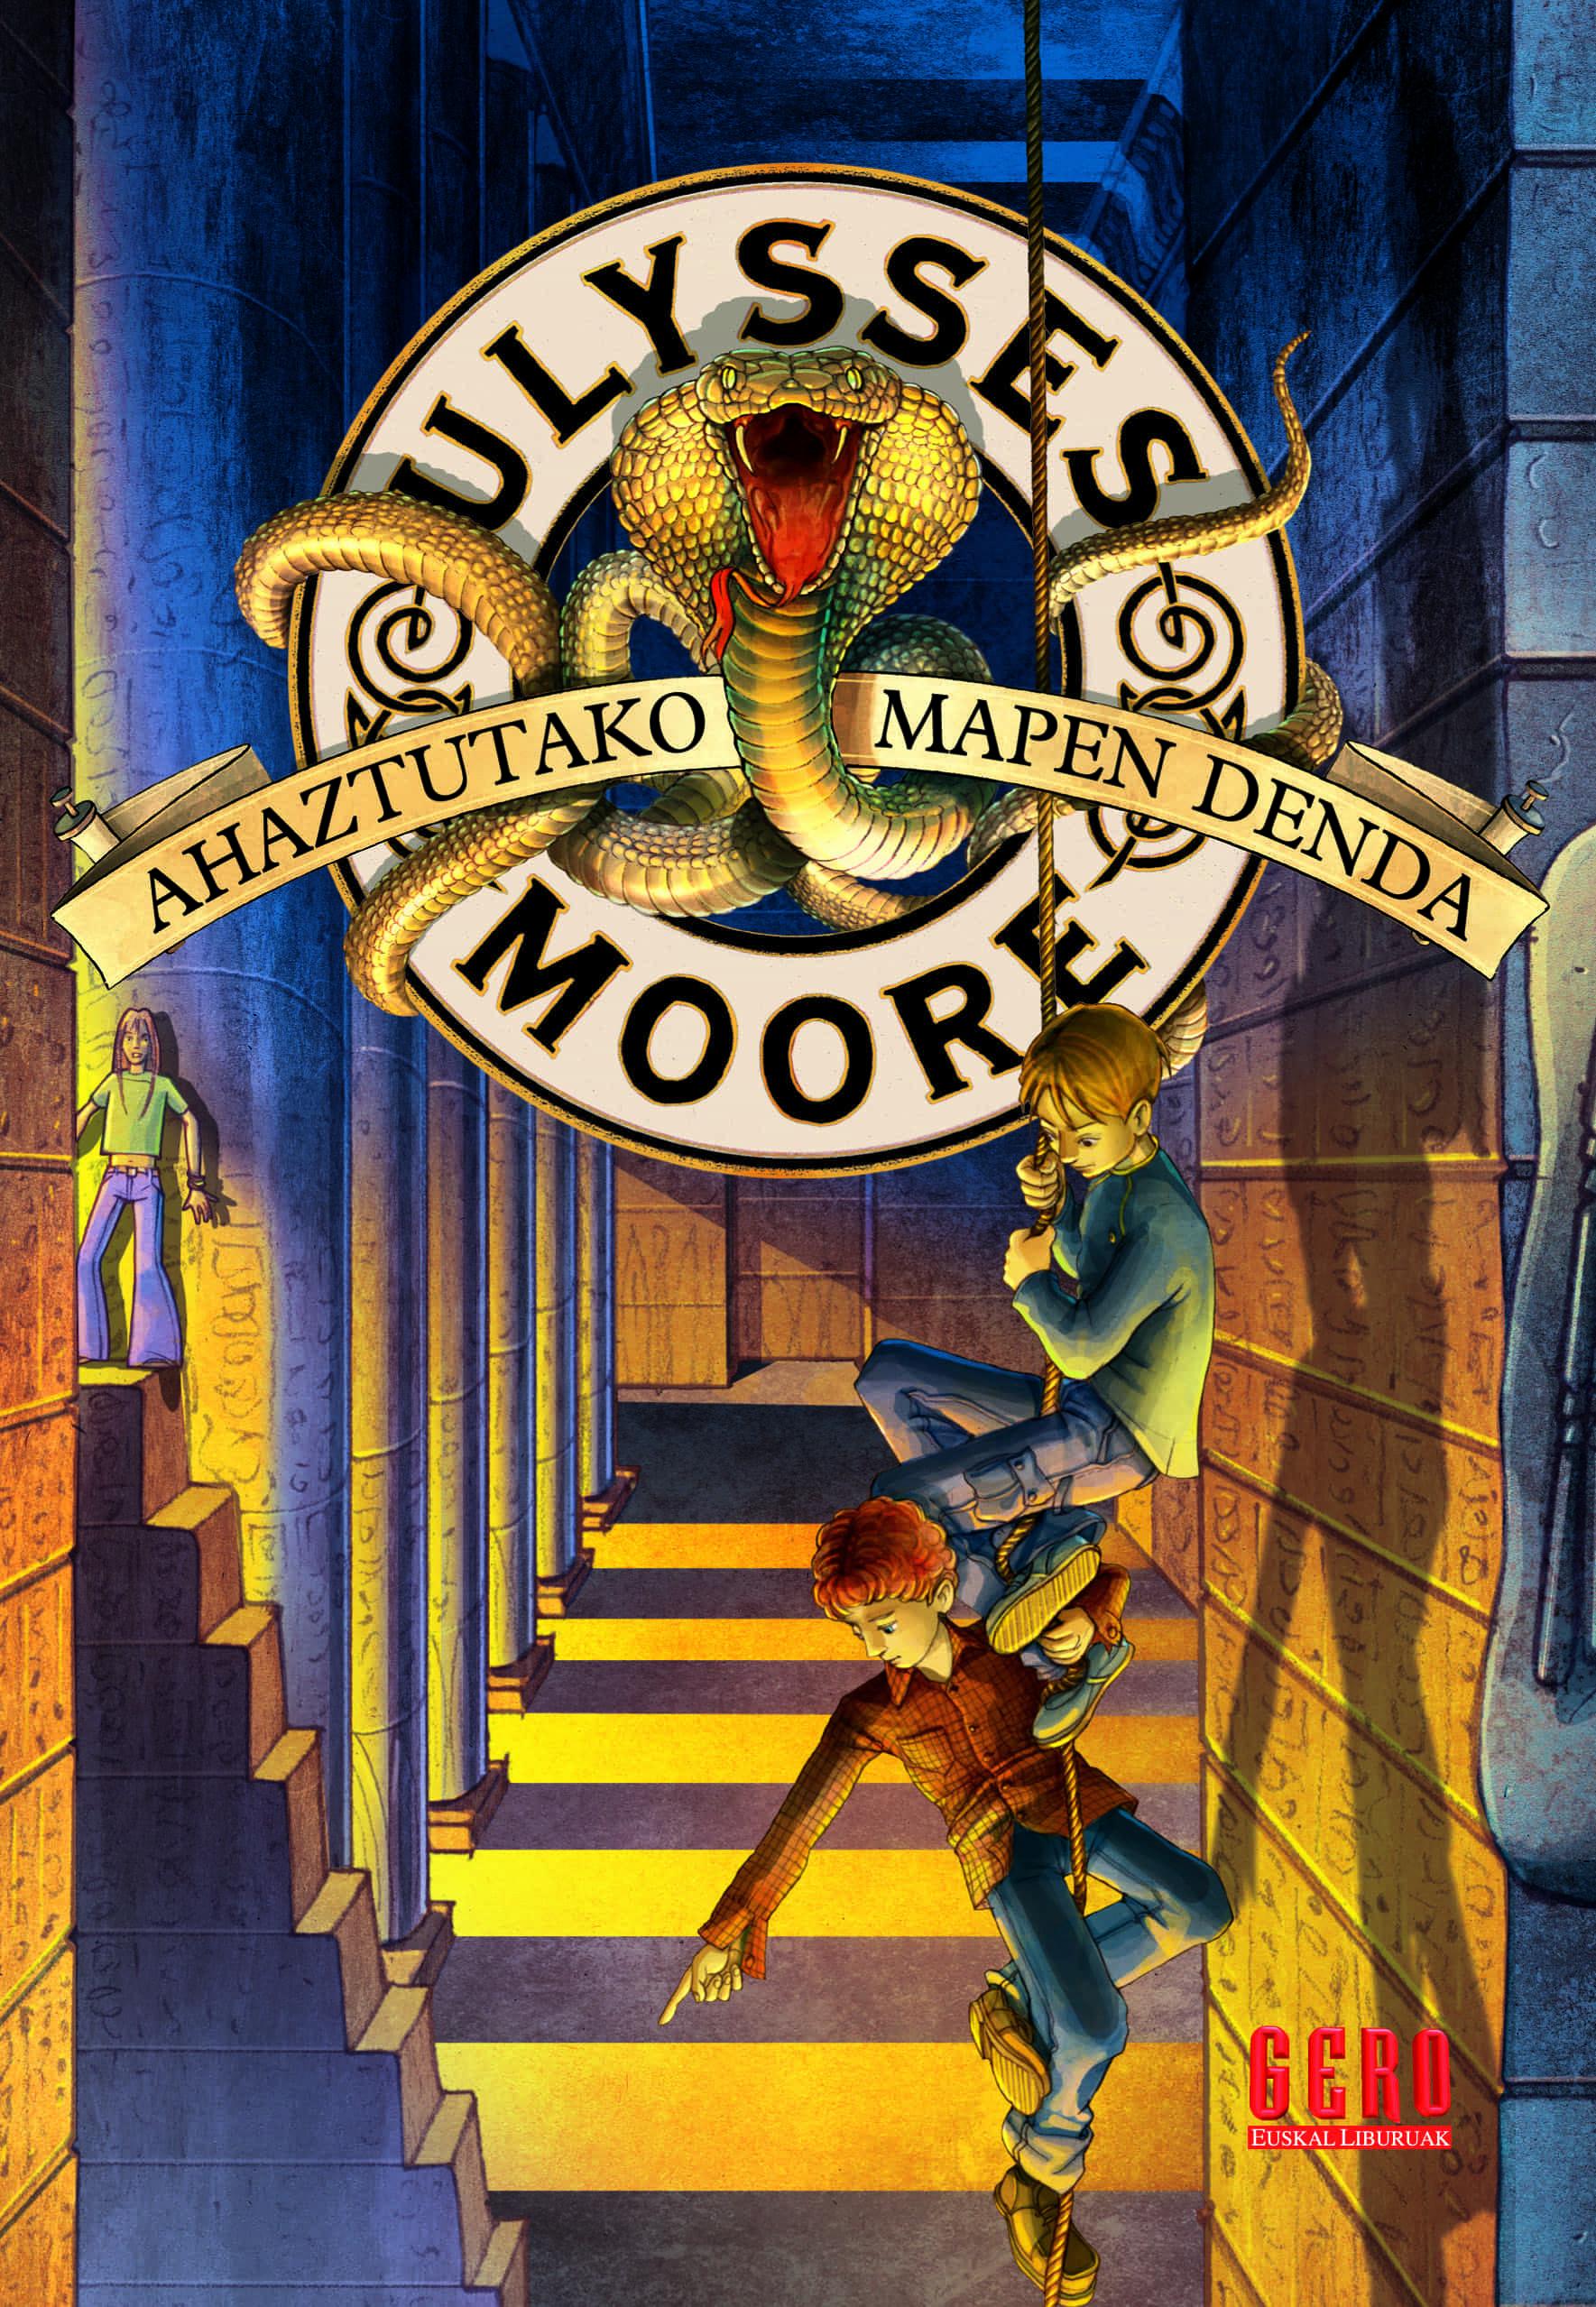 Ulysses Moore:ahaztutako Mapen Denda por Pierdomenico Baccalario